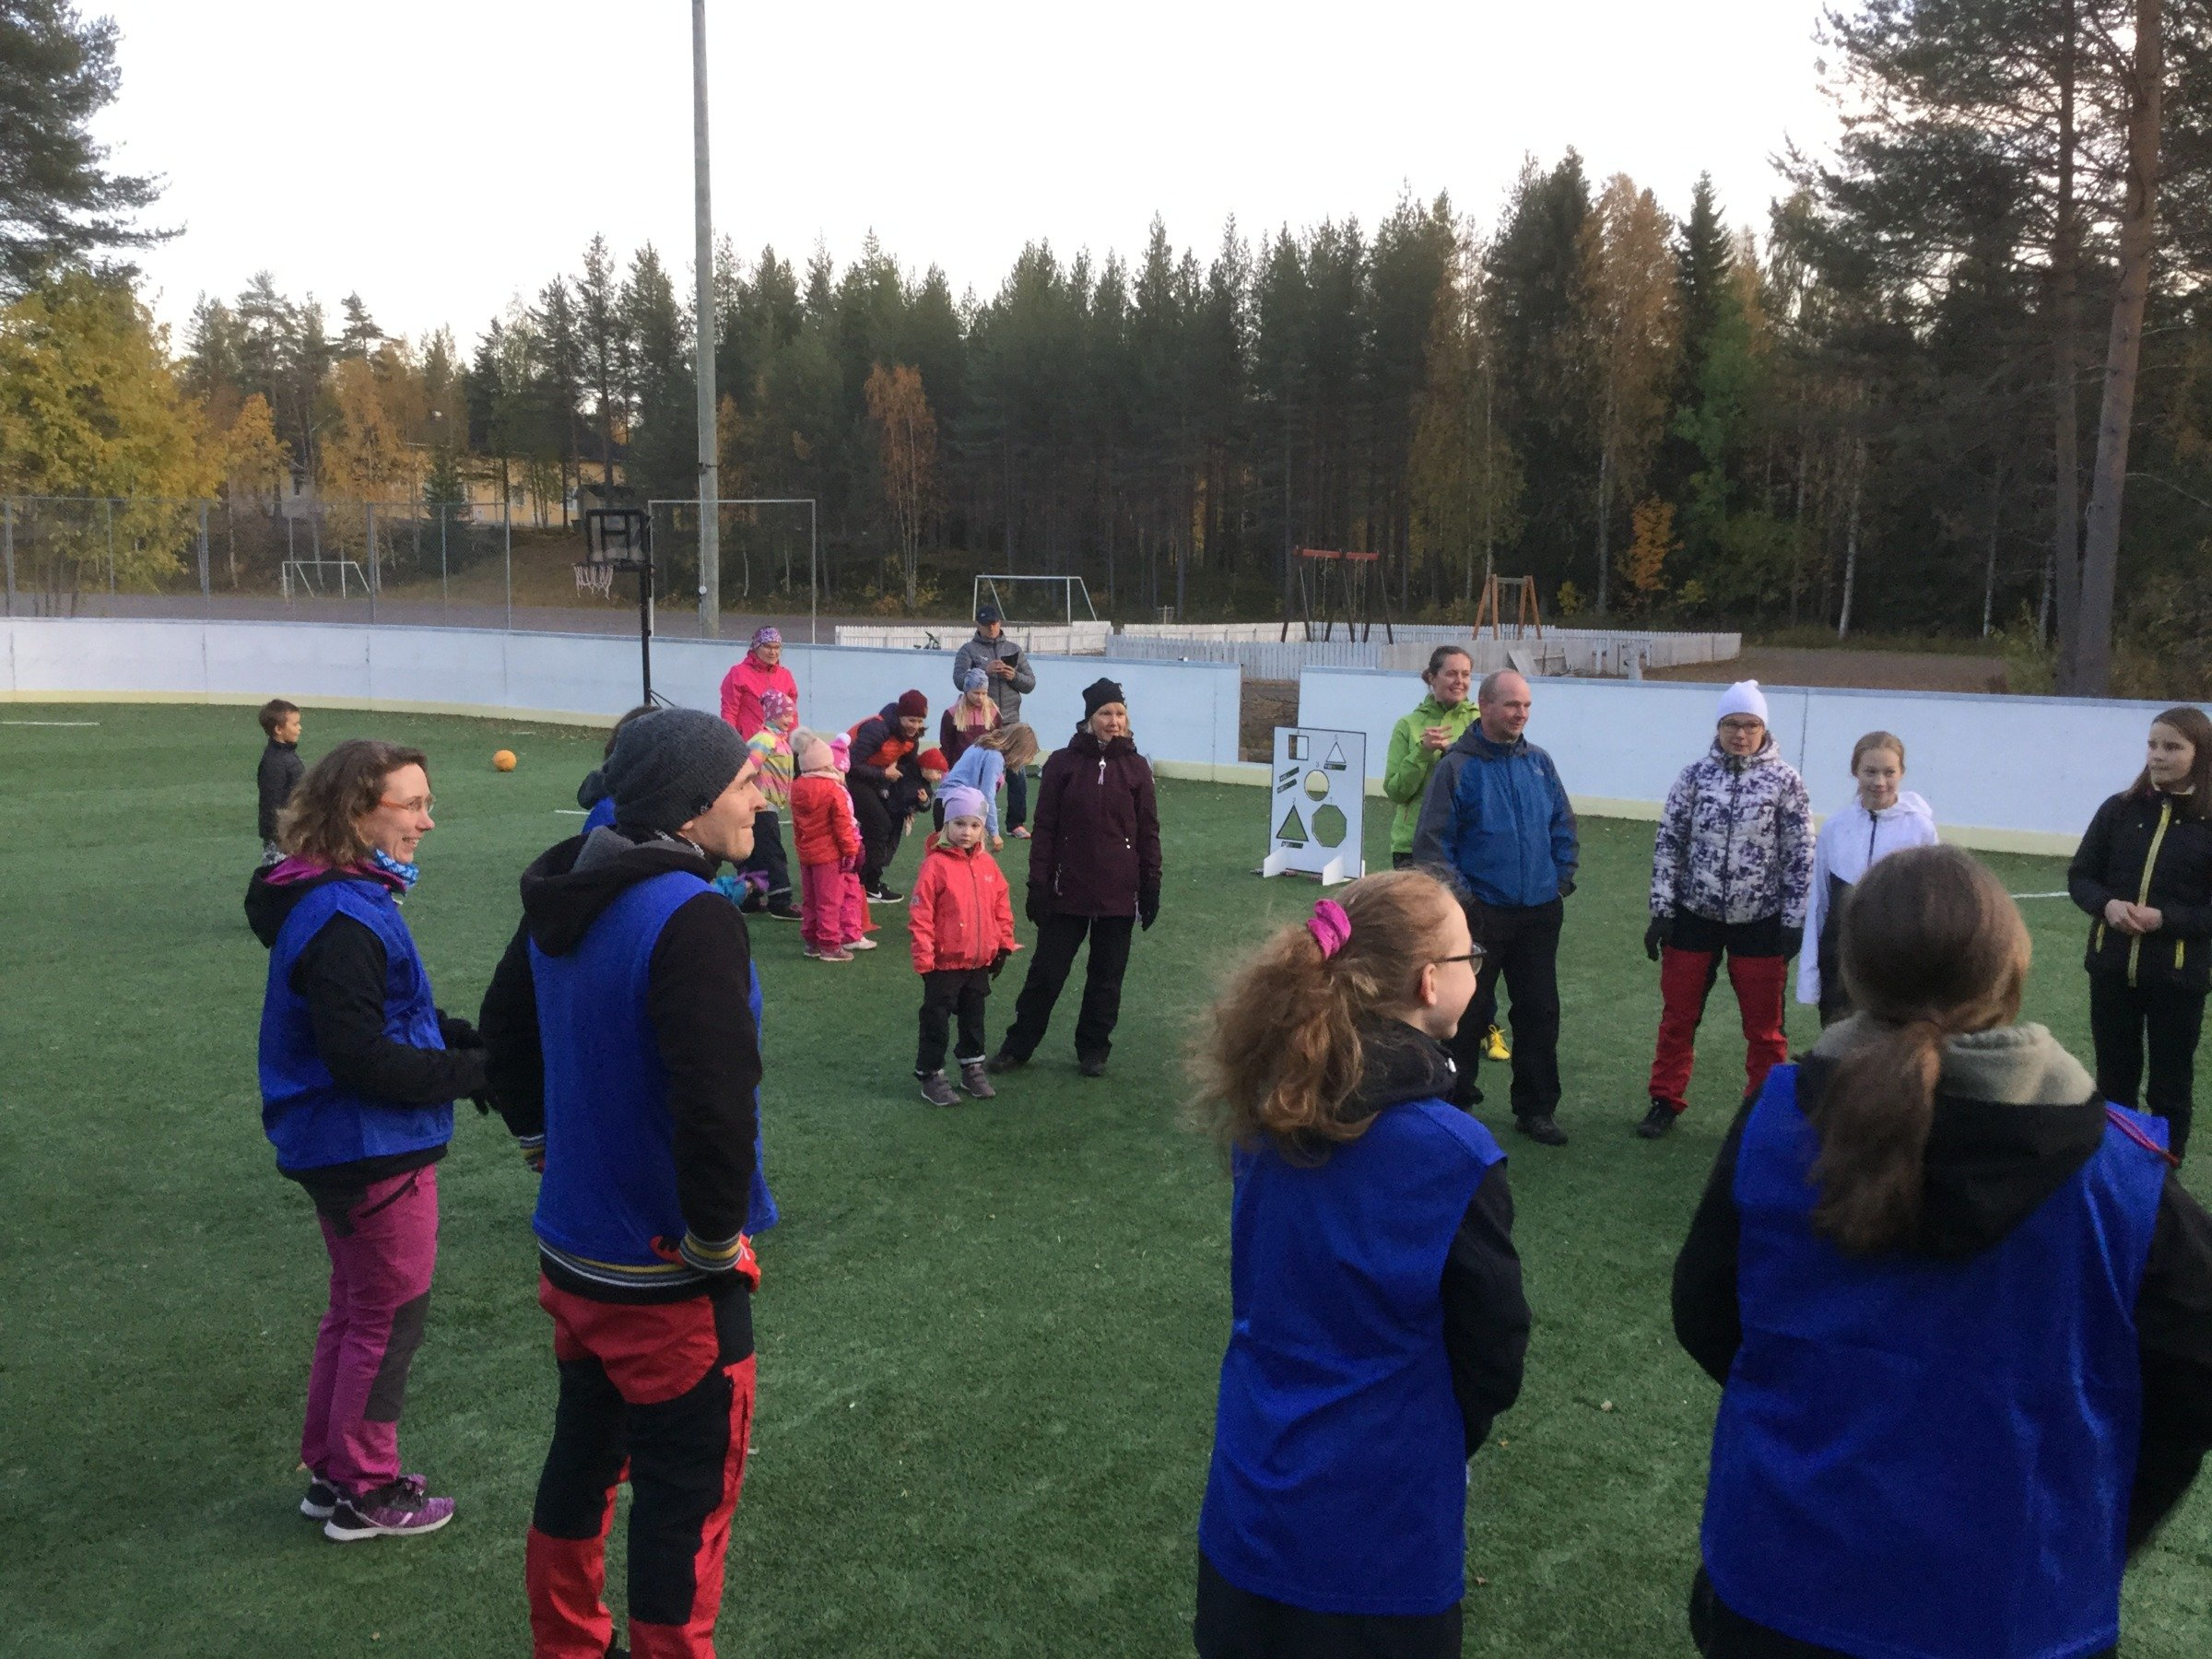 Nivankyläläisiä BeActive-tapahtumassa syyskuussa 2020 (c) Piia Juntunen-Laakso